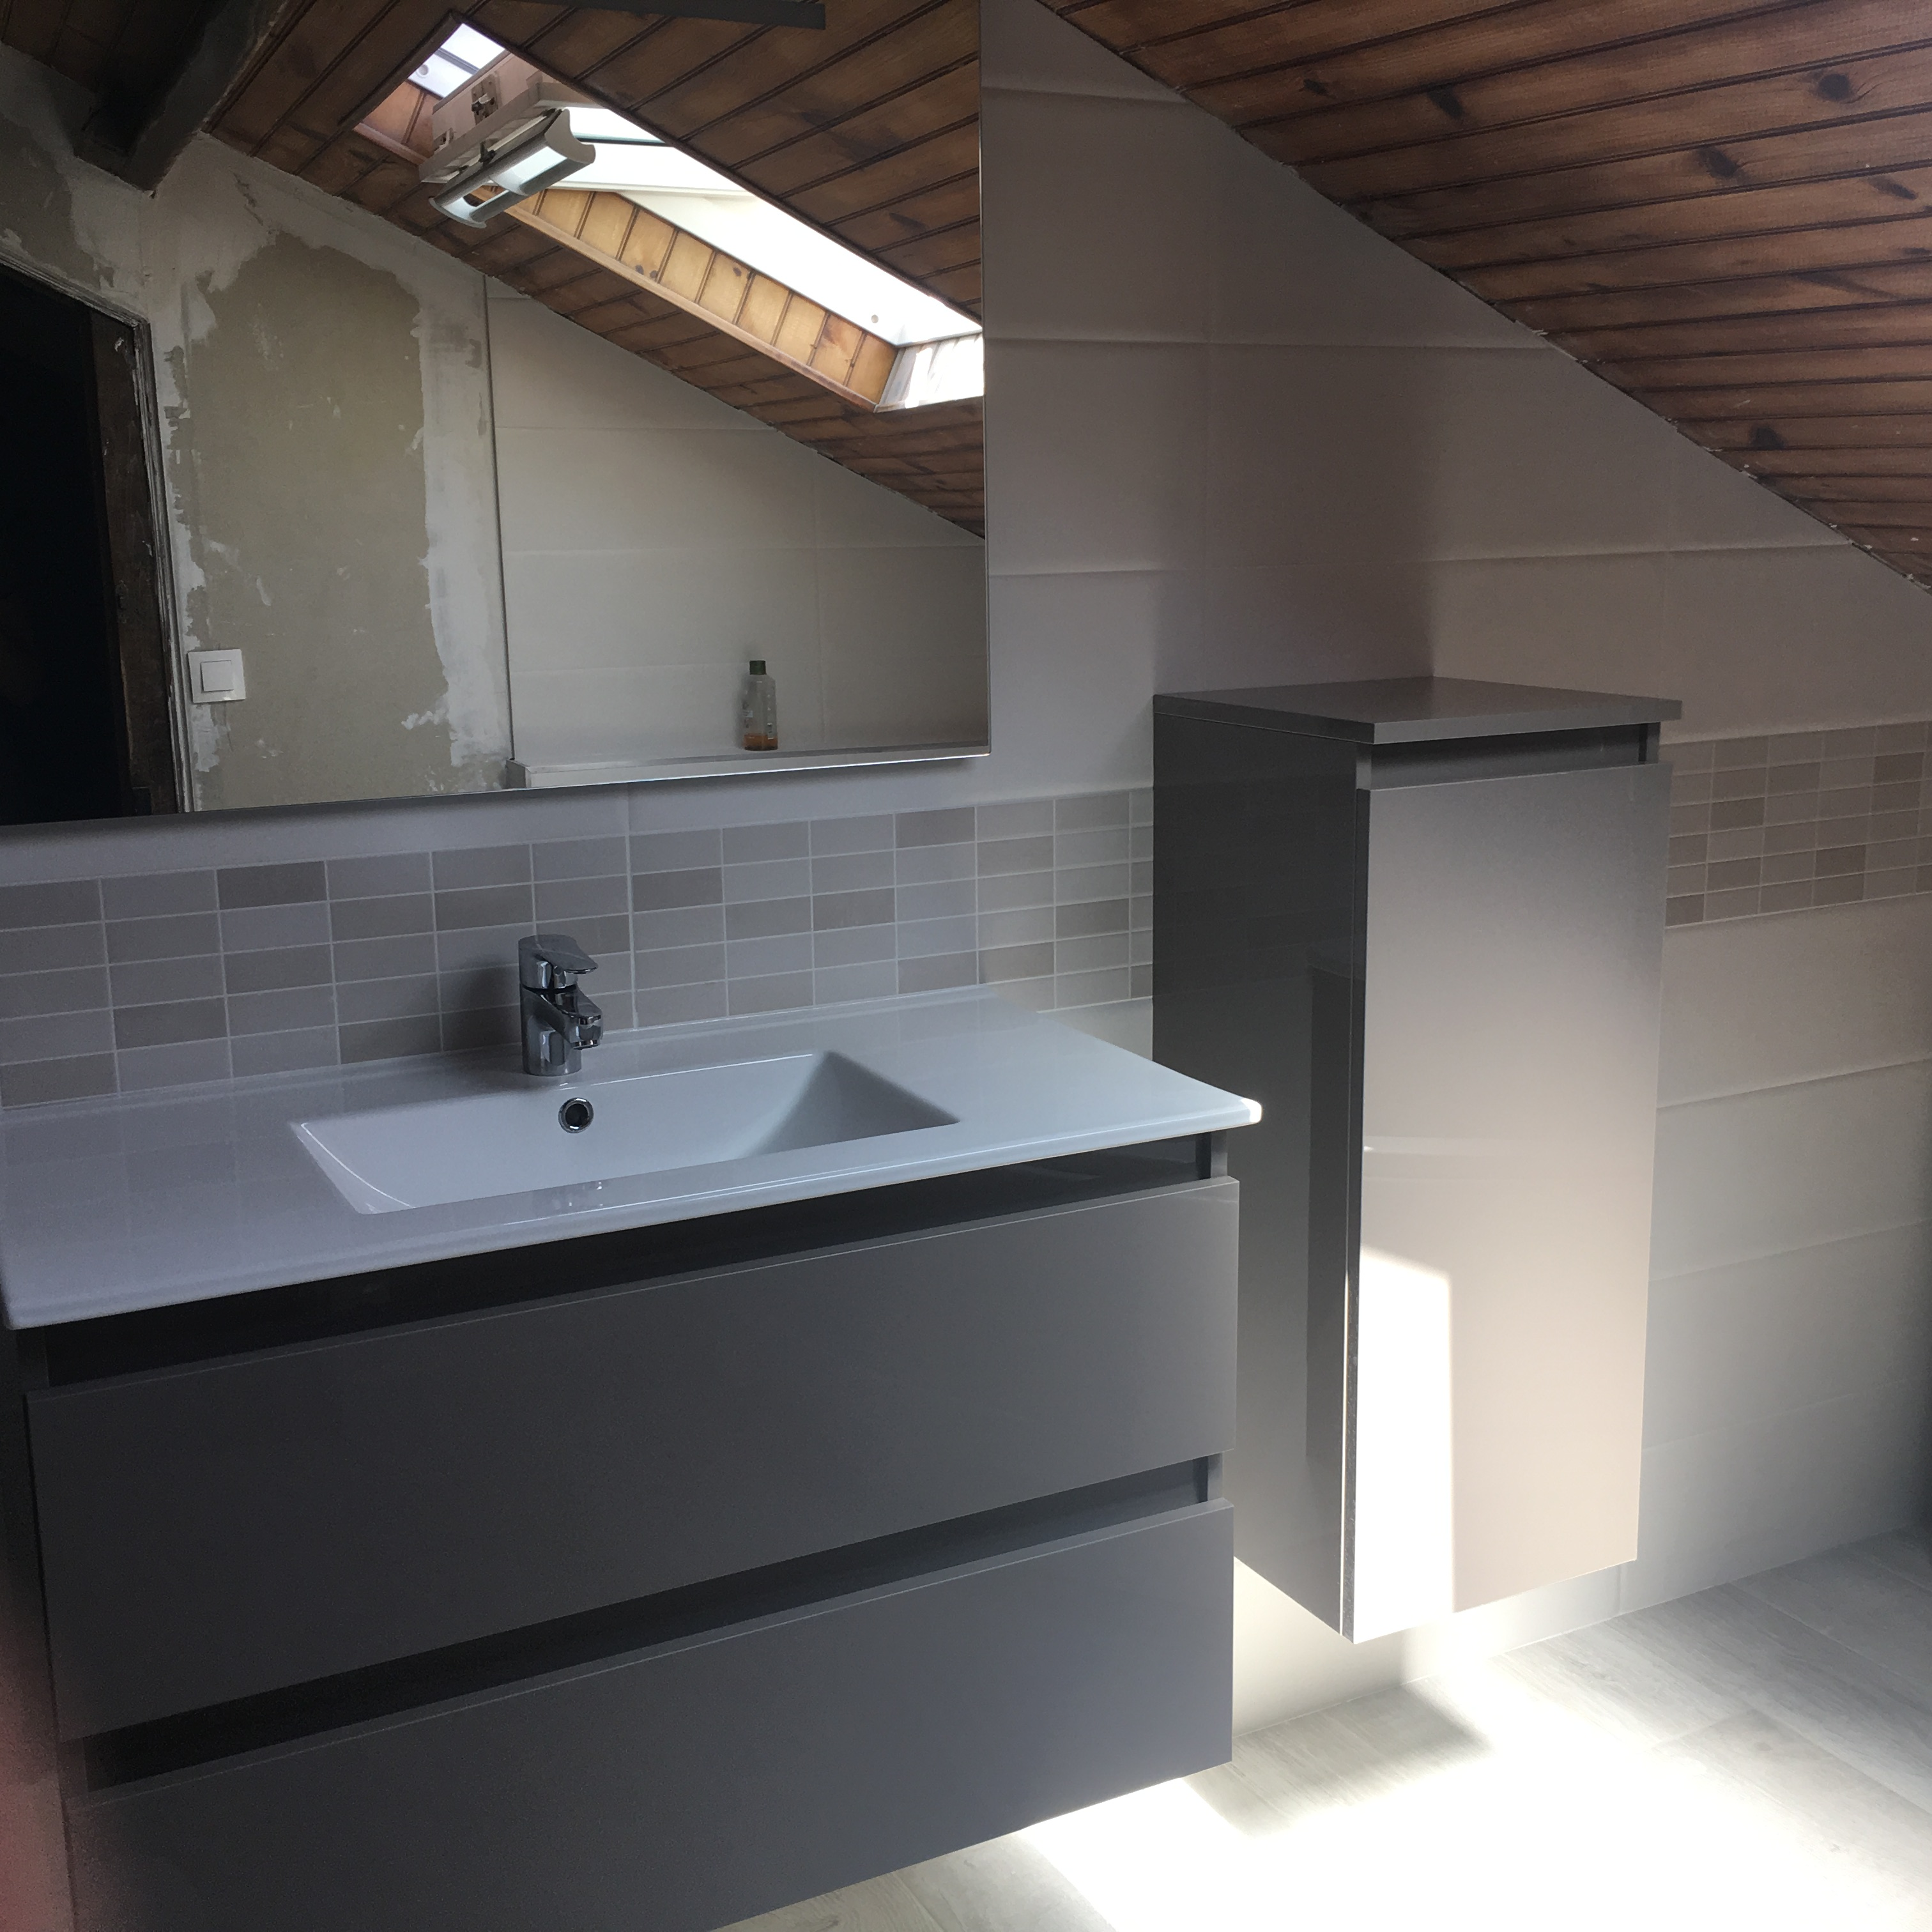 Baignoire Sous Les Combles renovation salle de bains sous les combles - flamme & eau